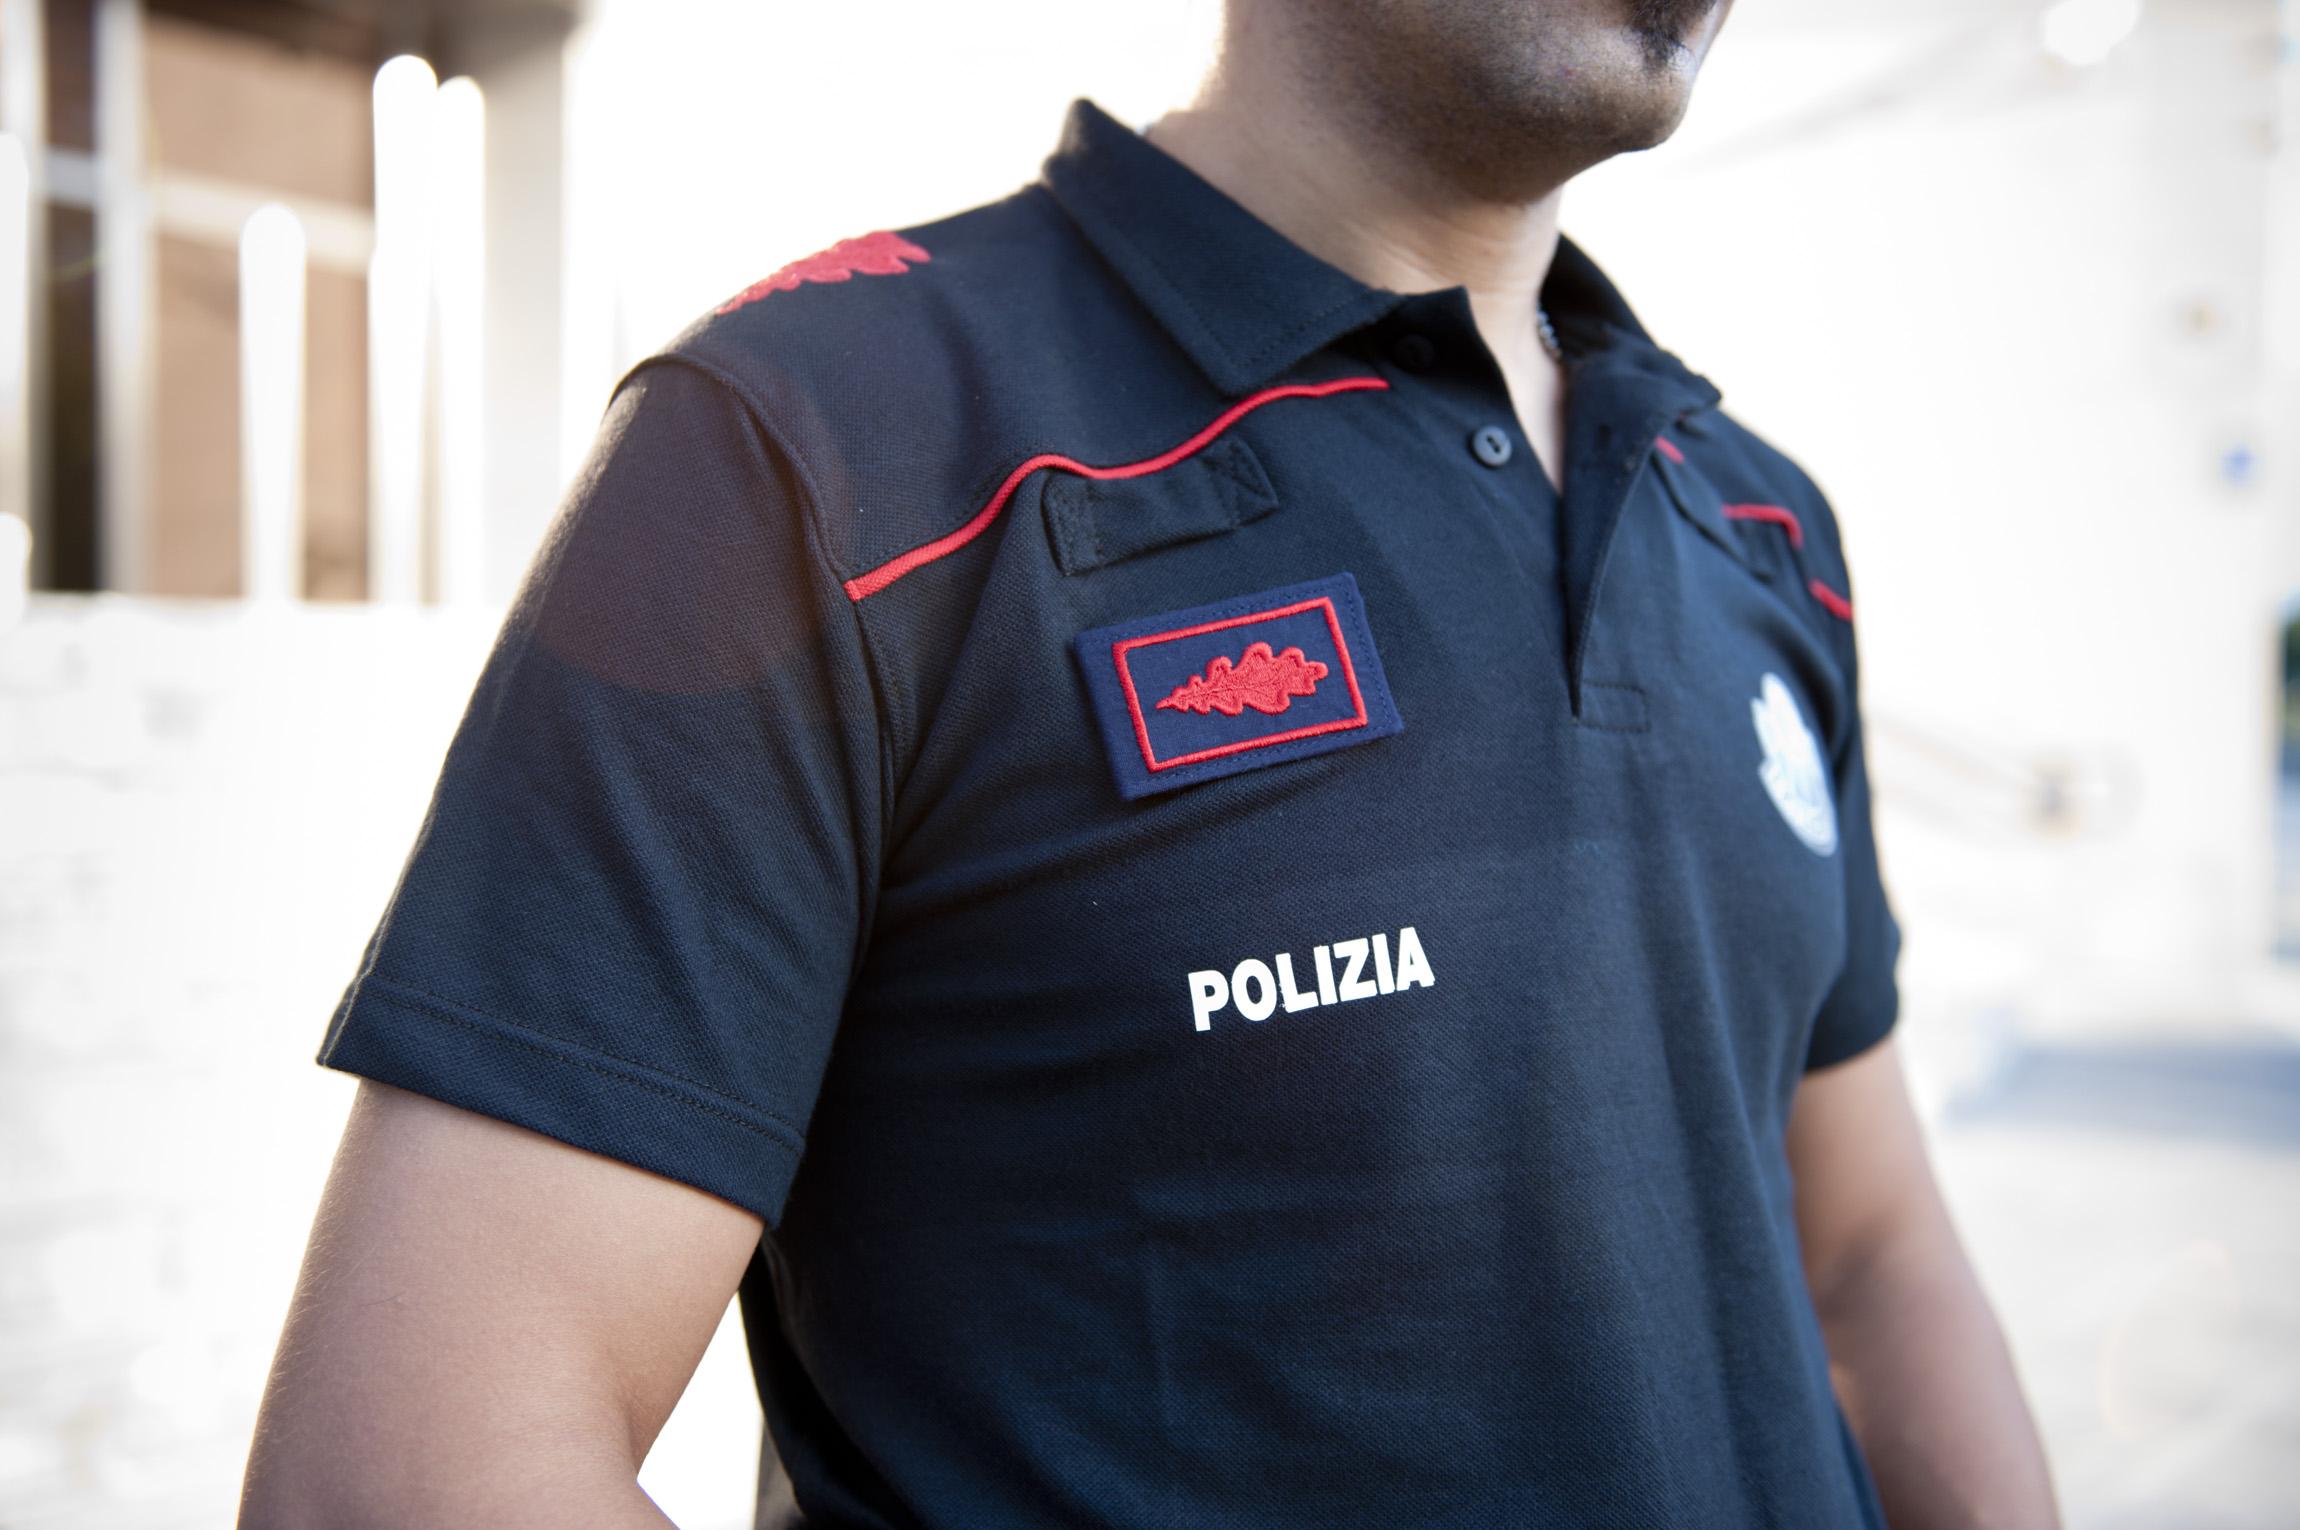 2011_07_23_ertzaintza_uniforme_005.jpg